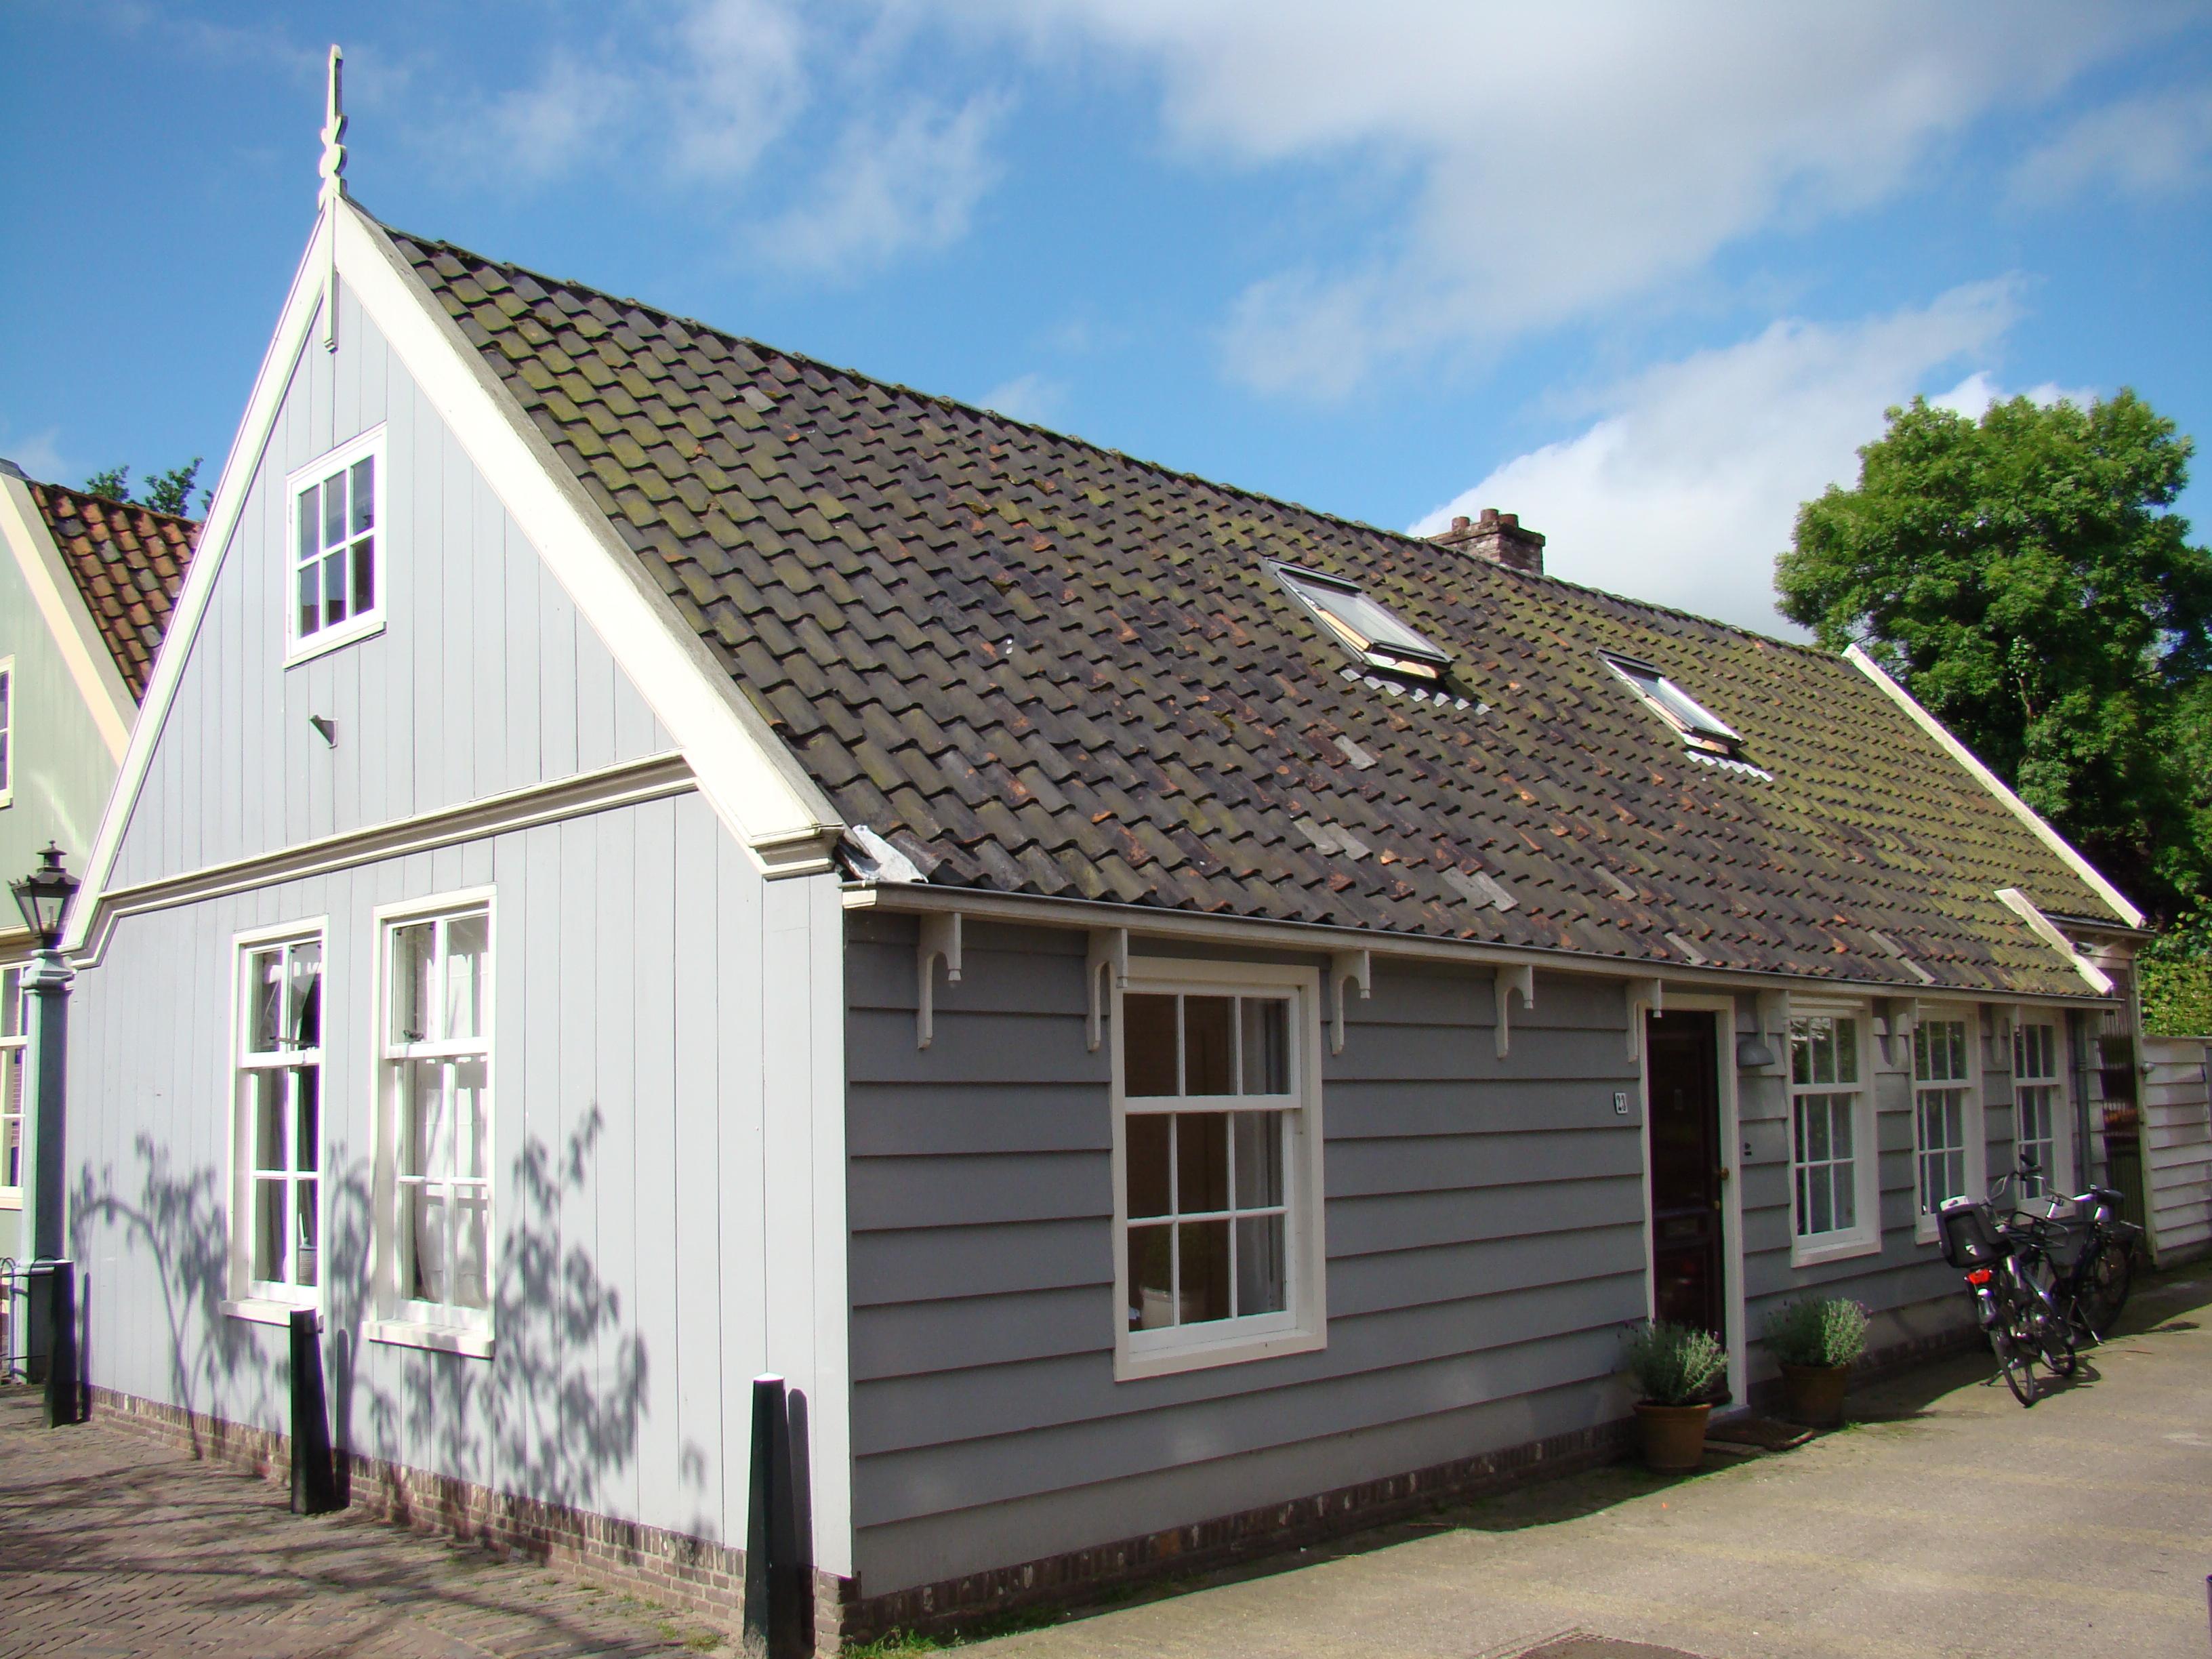 Houten huis in broek in waterland monument - Houten huis ...